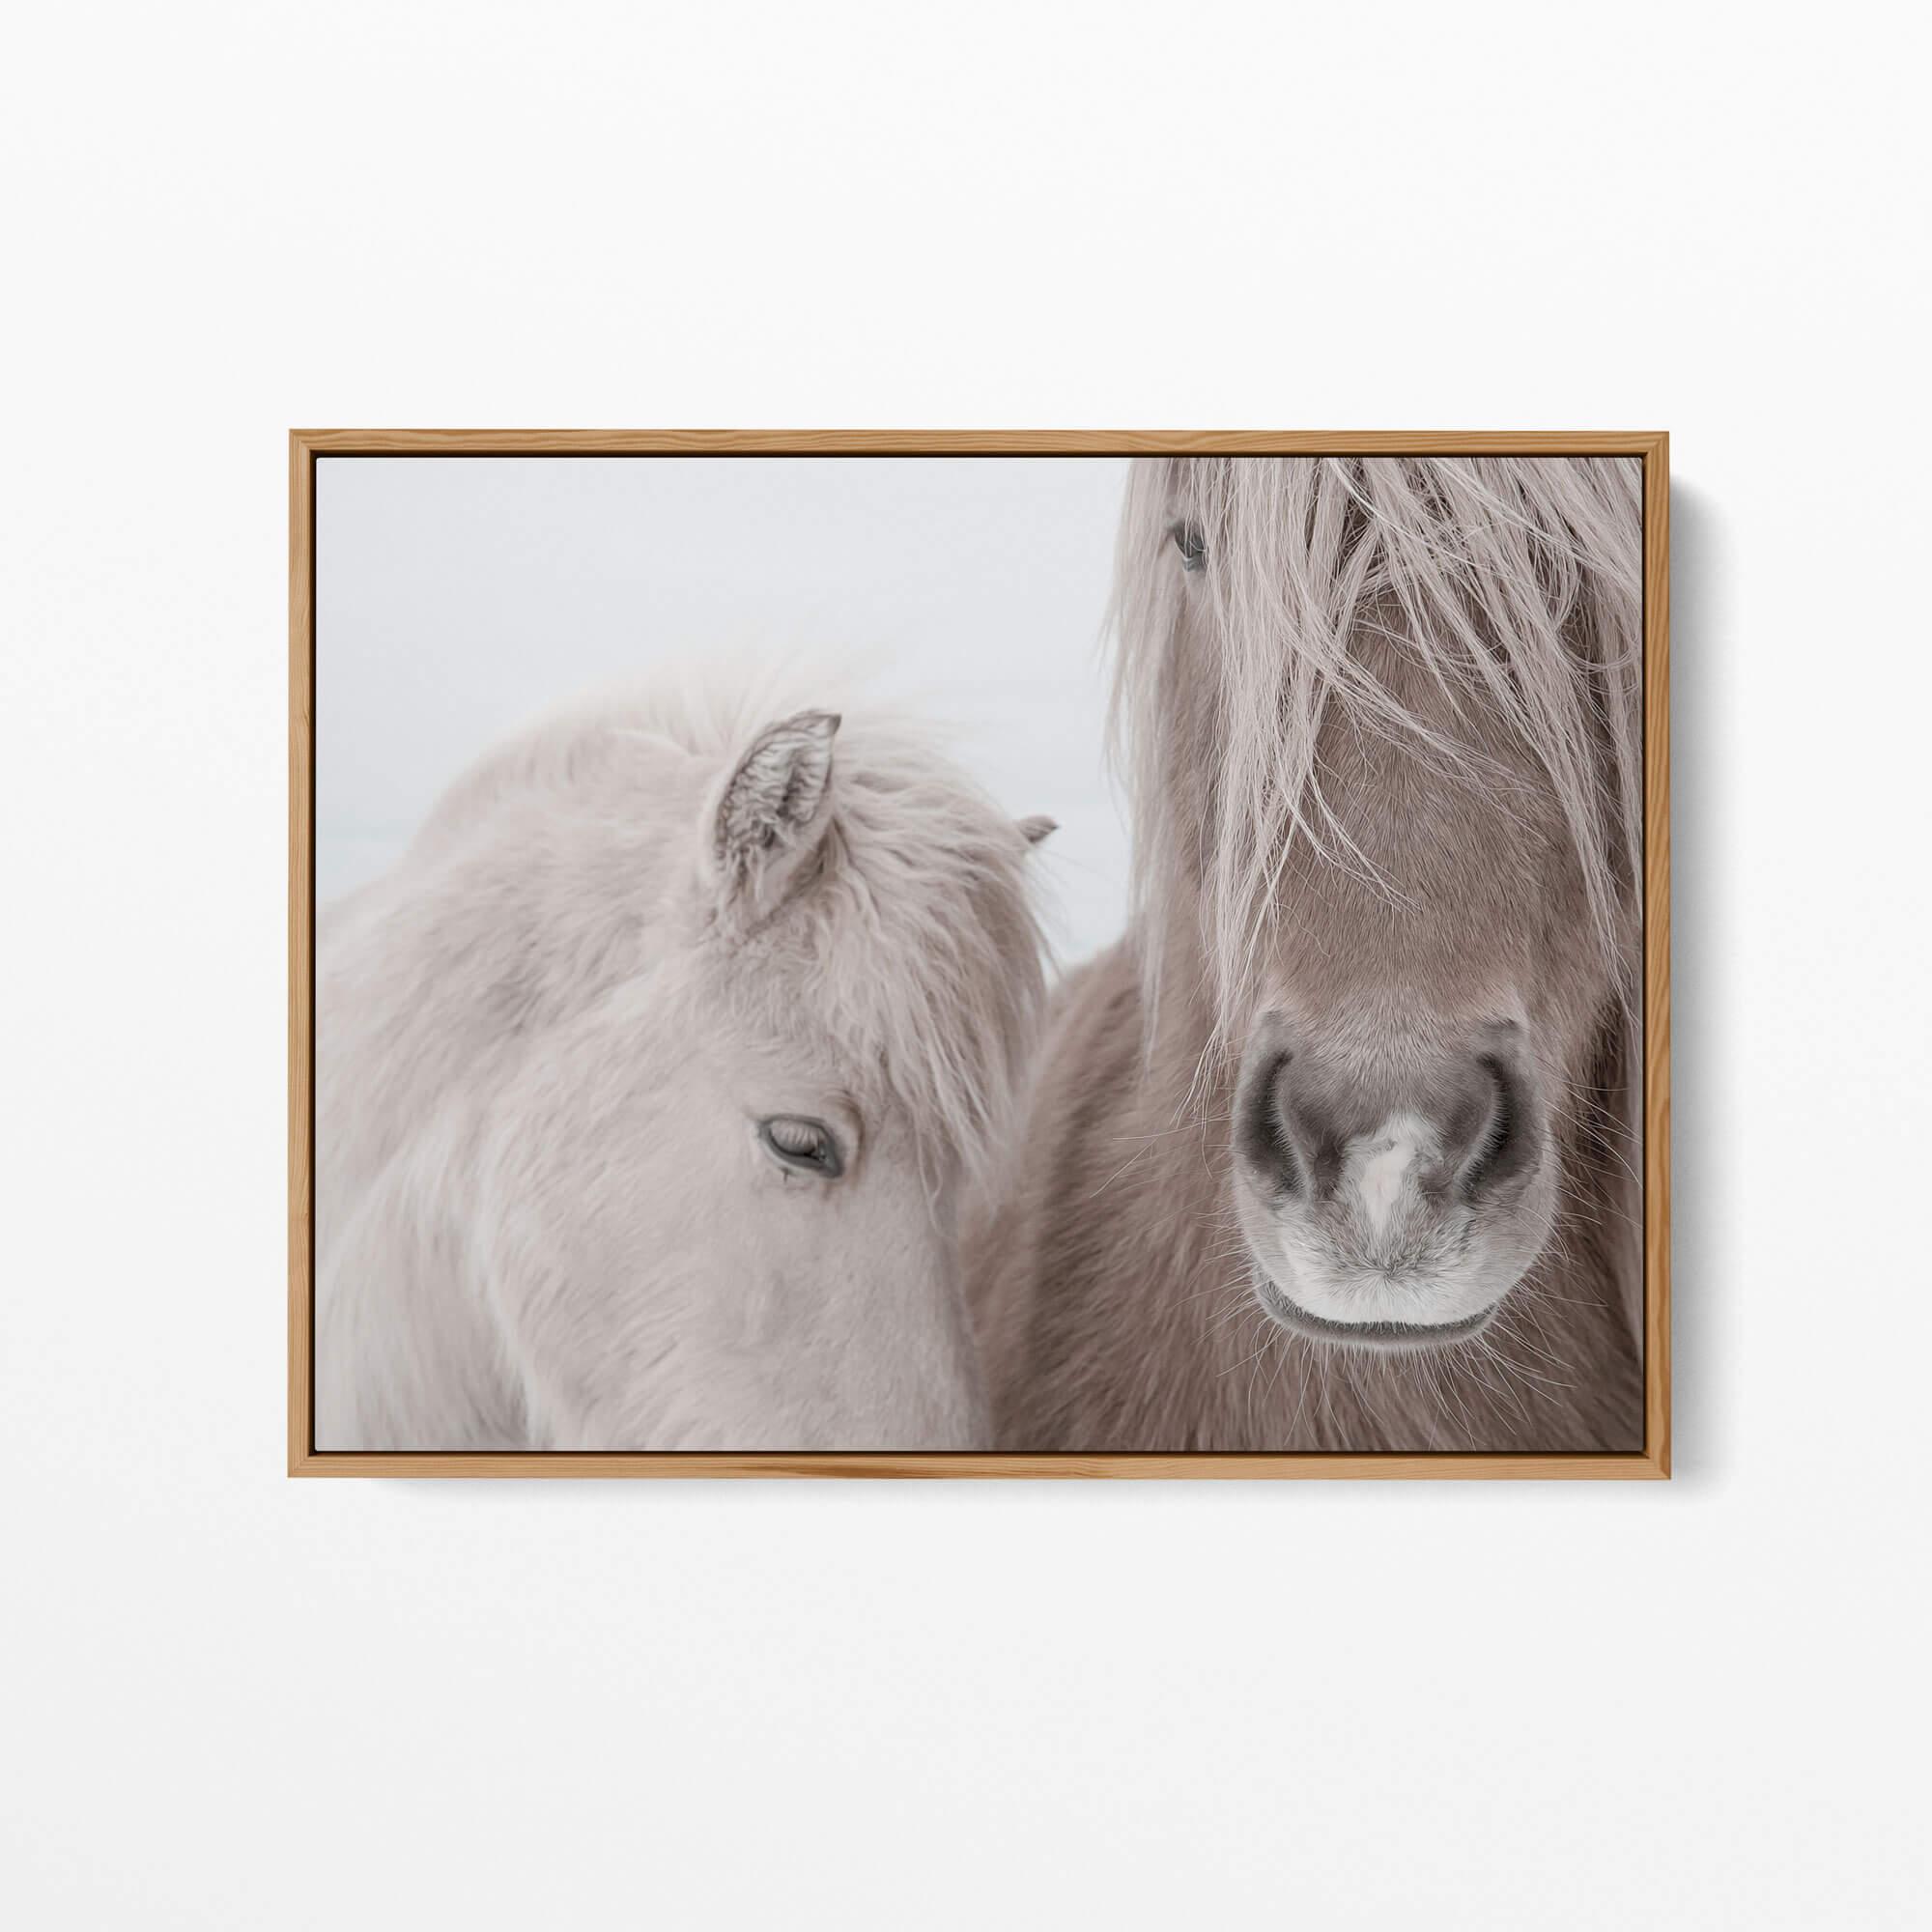 Two Horses Noanahiko Art Print 0144